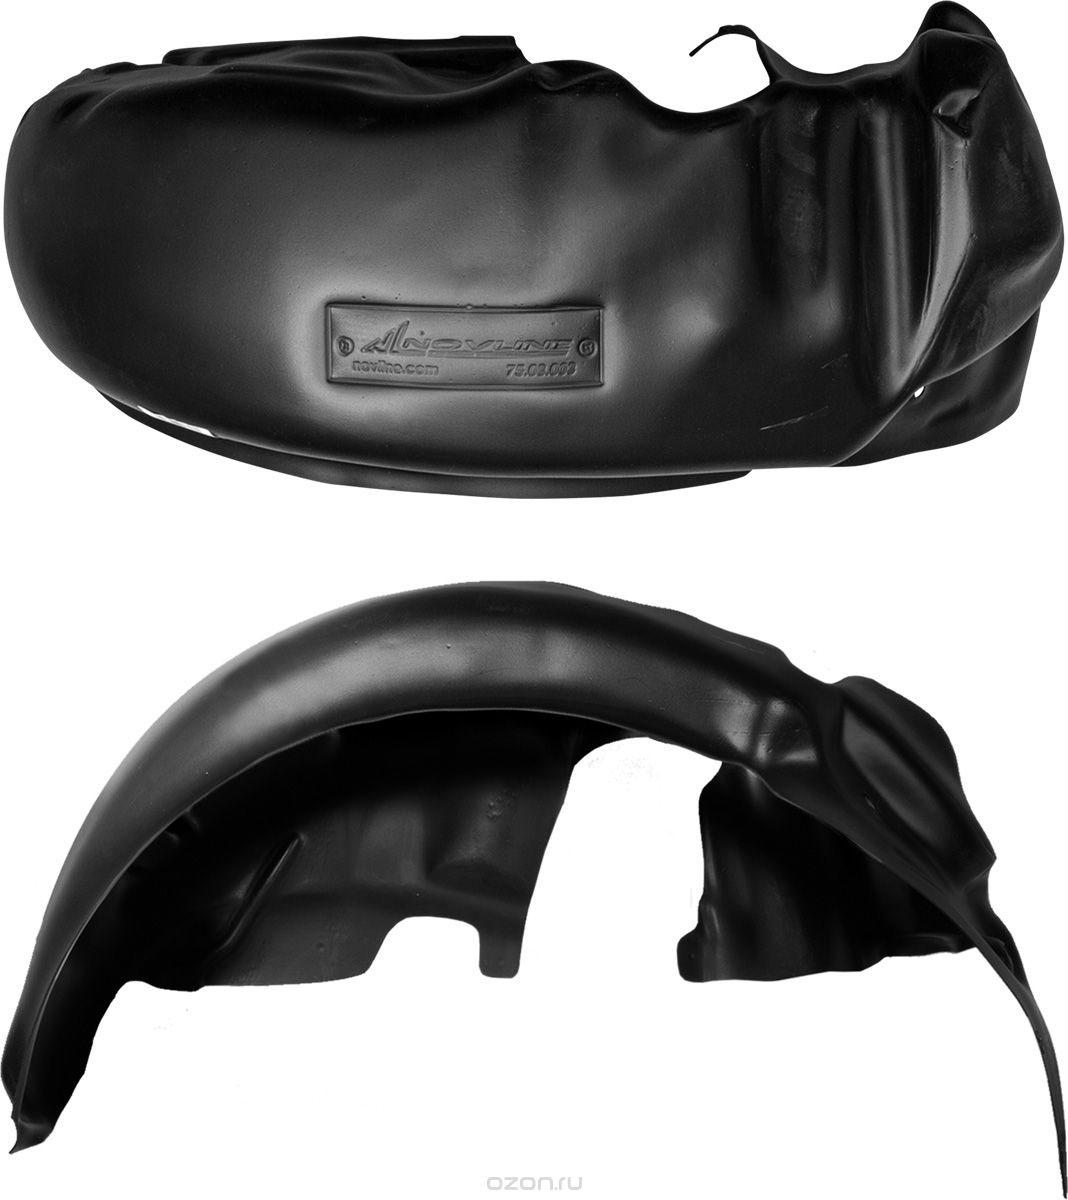 Подкрылок Novline-Autofamily, для ВАЗ 2115 1997-2012, б/б, передний левыйNLL.52.34.004Идеальная защита колесной ниши. Локеры разработаны с применением цифровых технологий, гарантируют максимальную повторяемость поверхности арки. Изделия устанавливаются без нарушения лакокрасочного покрытия автомобиля, каждый подкрылок комплектуется крепежом. Уважаемые клиенты, обращаем ваше внимание, что фотографии на подкрылки универсальные и не отражают реальную форму изделия. При этом само изделие идет точно под размер указанного автомобиля.